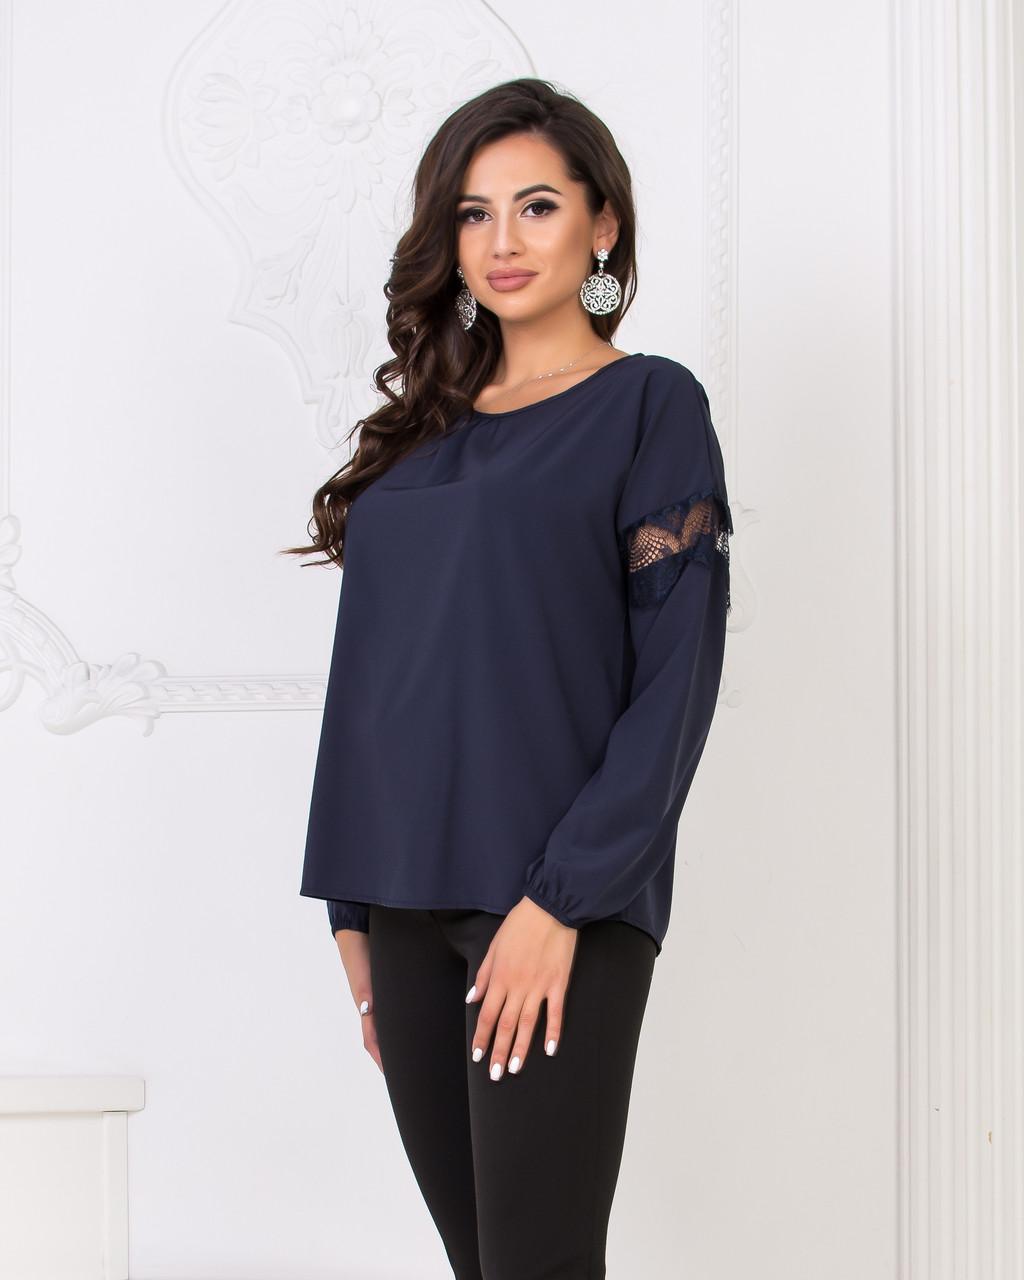 7754ad0867a Женская блузка больших размеров 15116 (р 42-56)  продажа